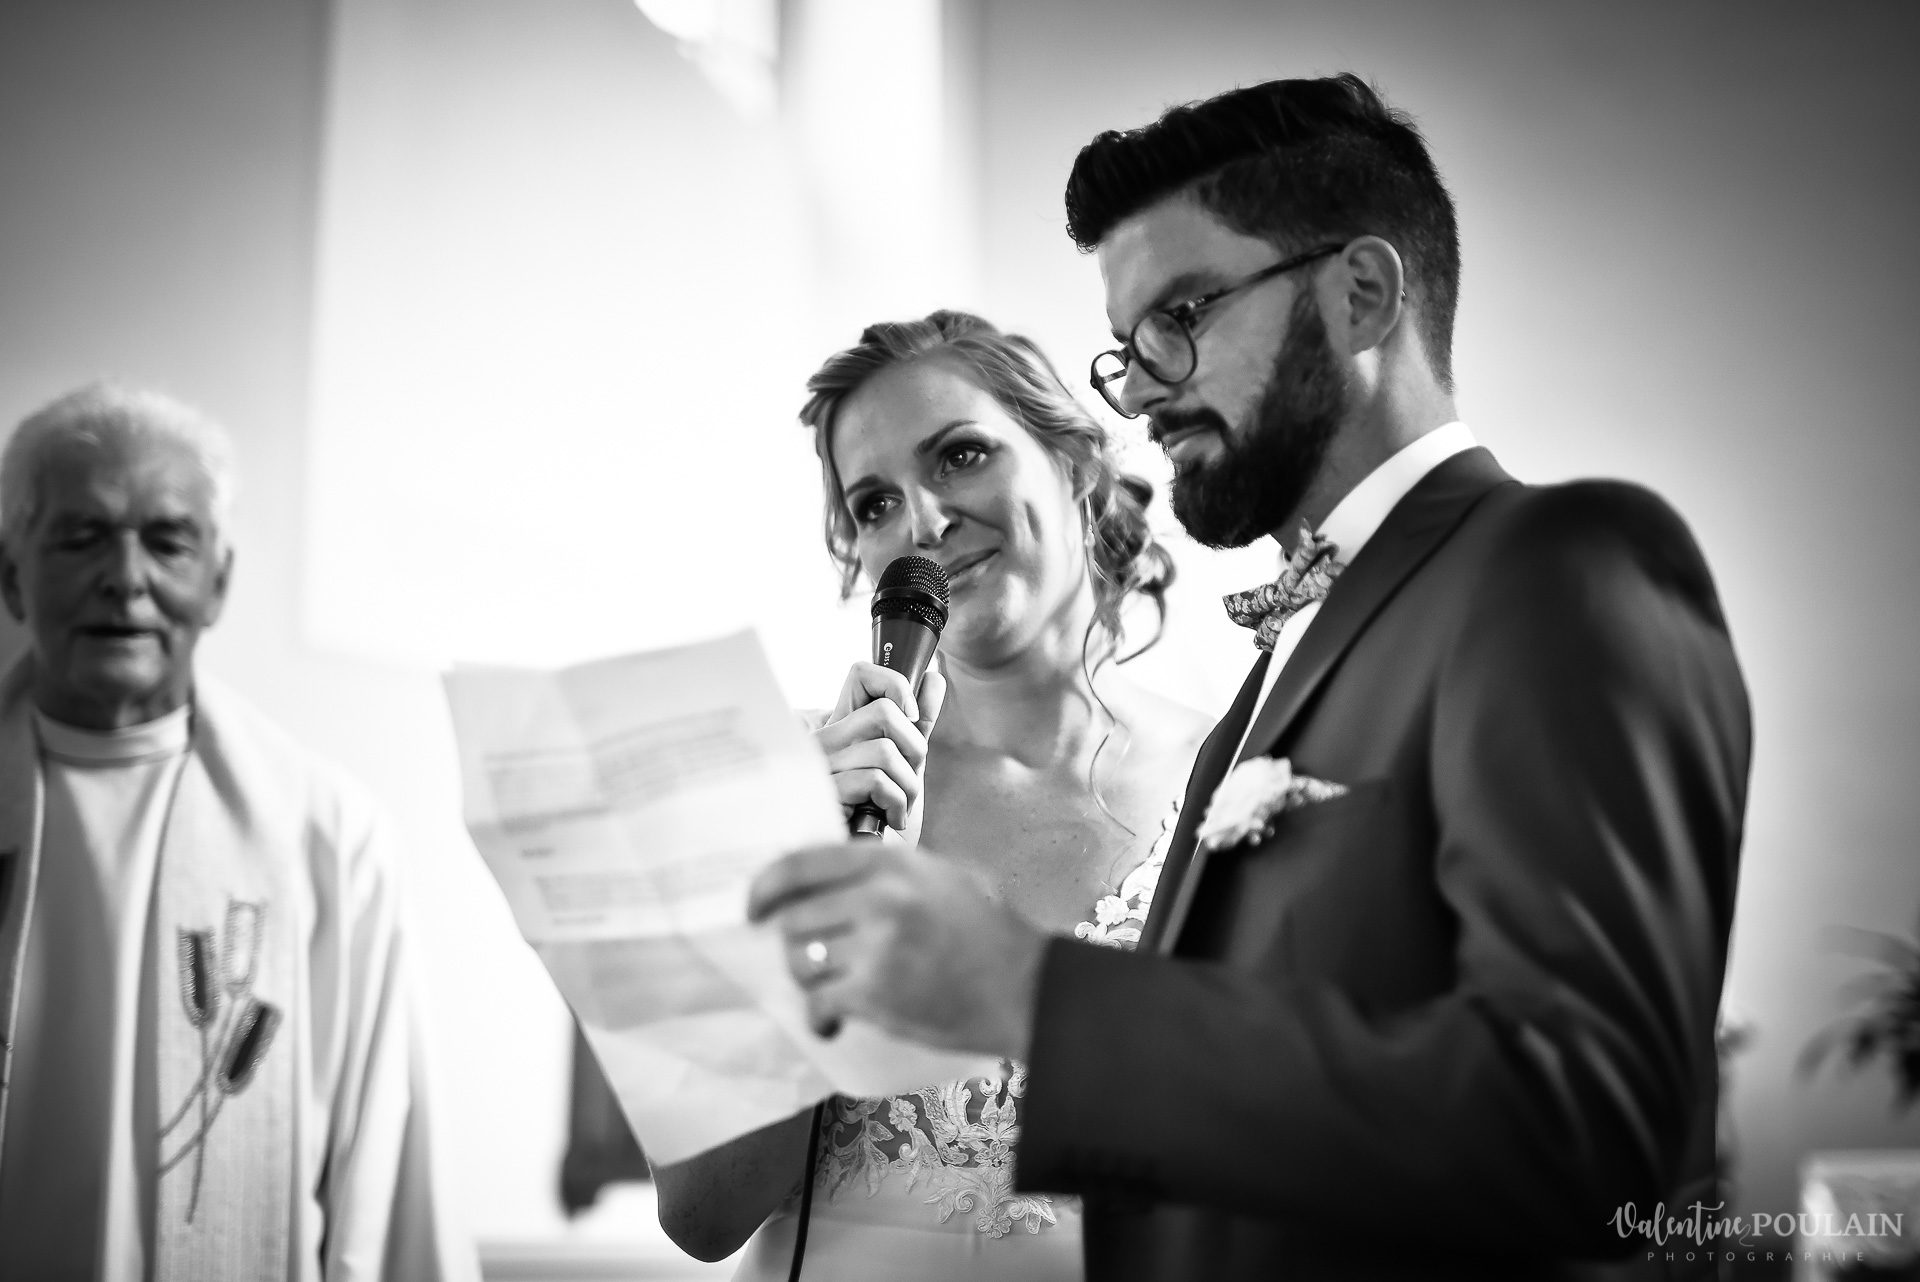 Mariage basketteurs - Valentine Poulain discours